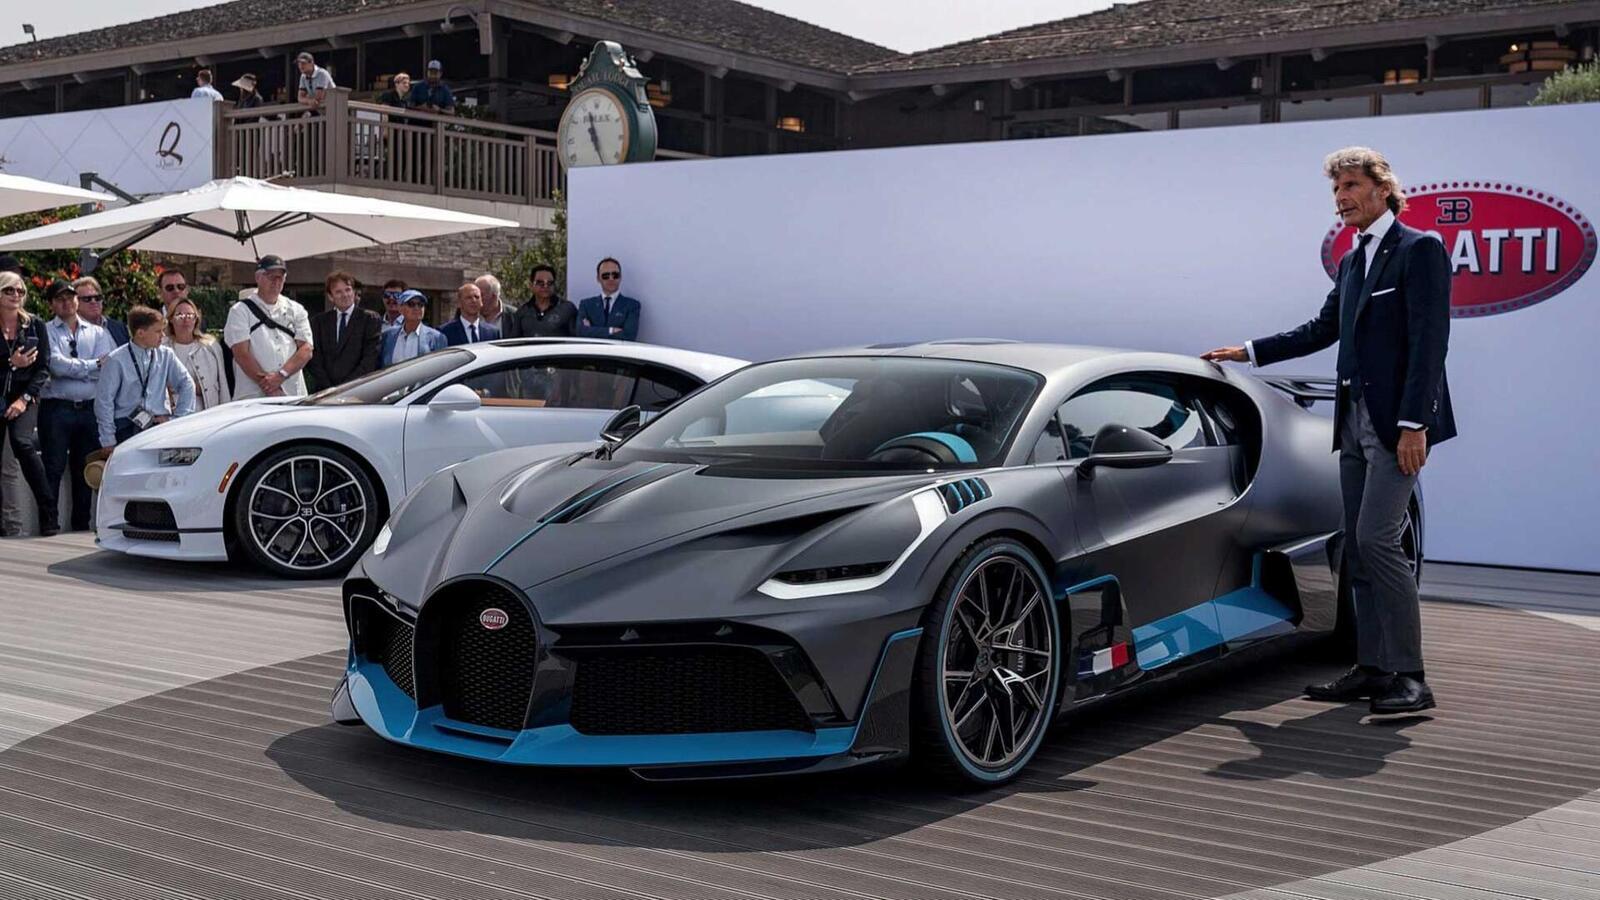 Một trong 40 chiếc Bugatti Divo đang được bán với giá 7,5 triệu USD (hơn 173 tỷ đồng) - Hình 8